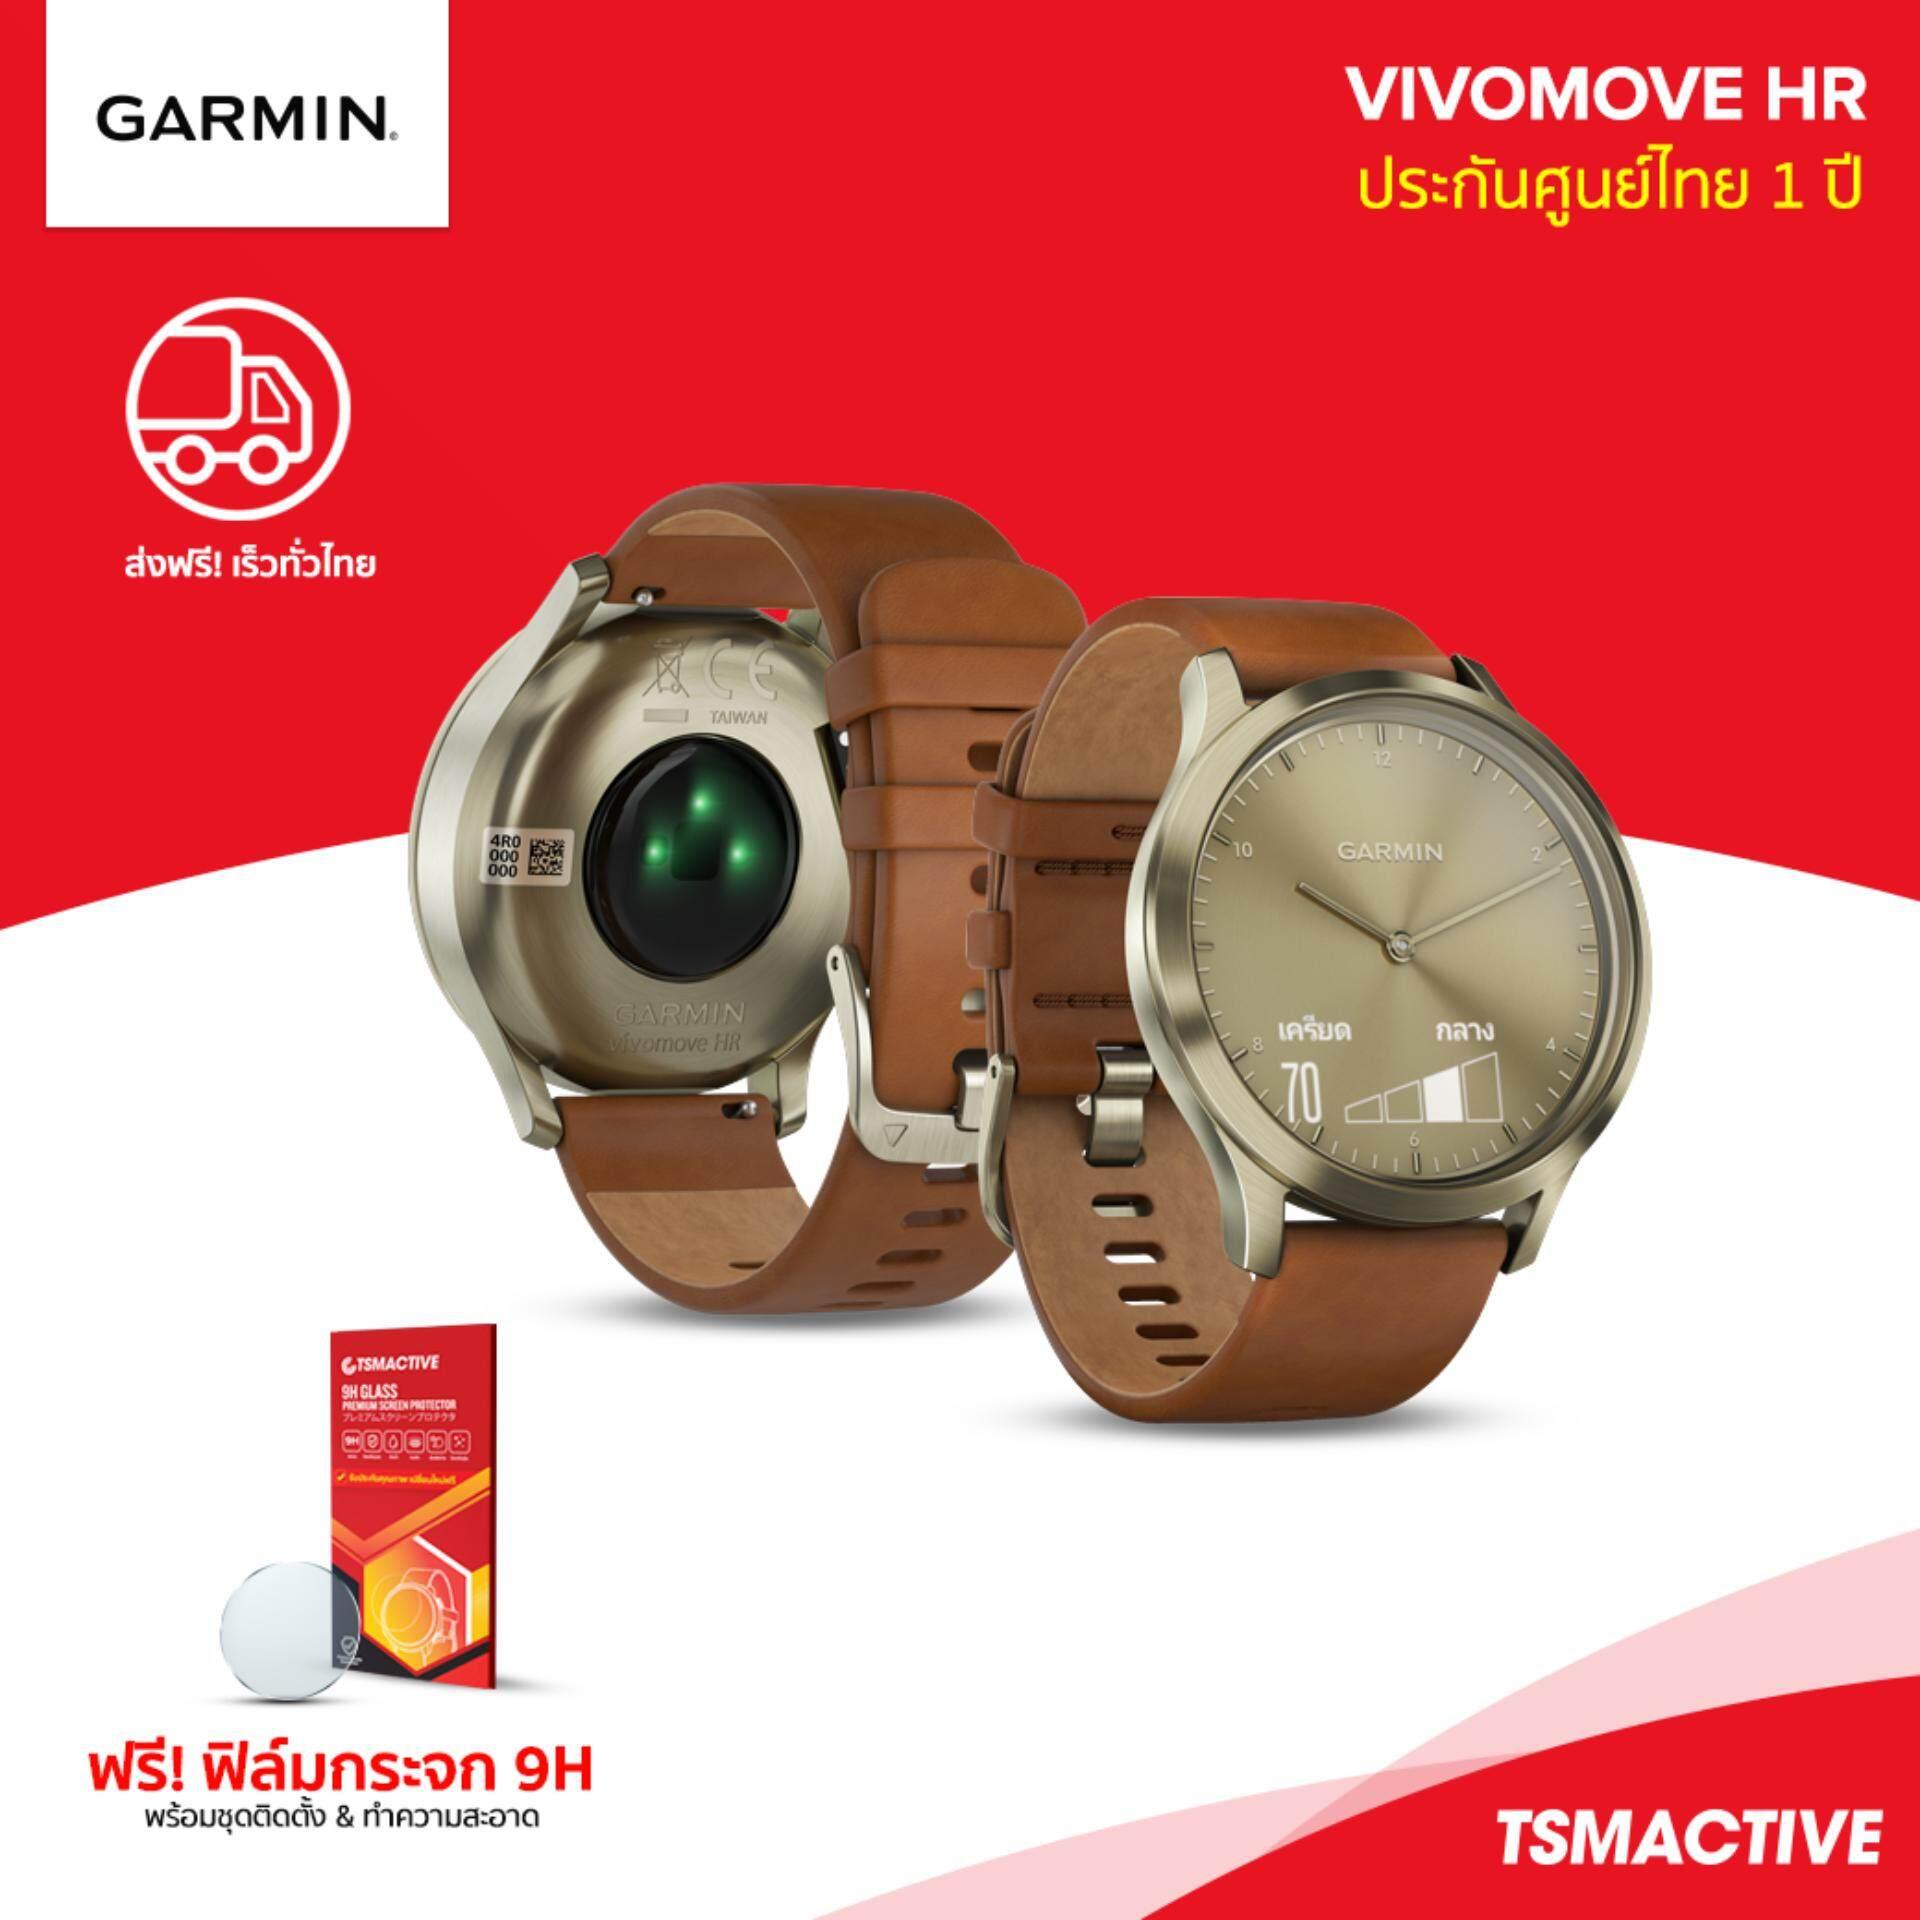 การใช้งาน  จันทบุรี Garmin Vivomove HR (Premium - Gold : Regular) นาฬิกาอัจฉริยะระบบไฮบริด วัดชีพจร 24 ชั่วโมง